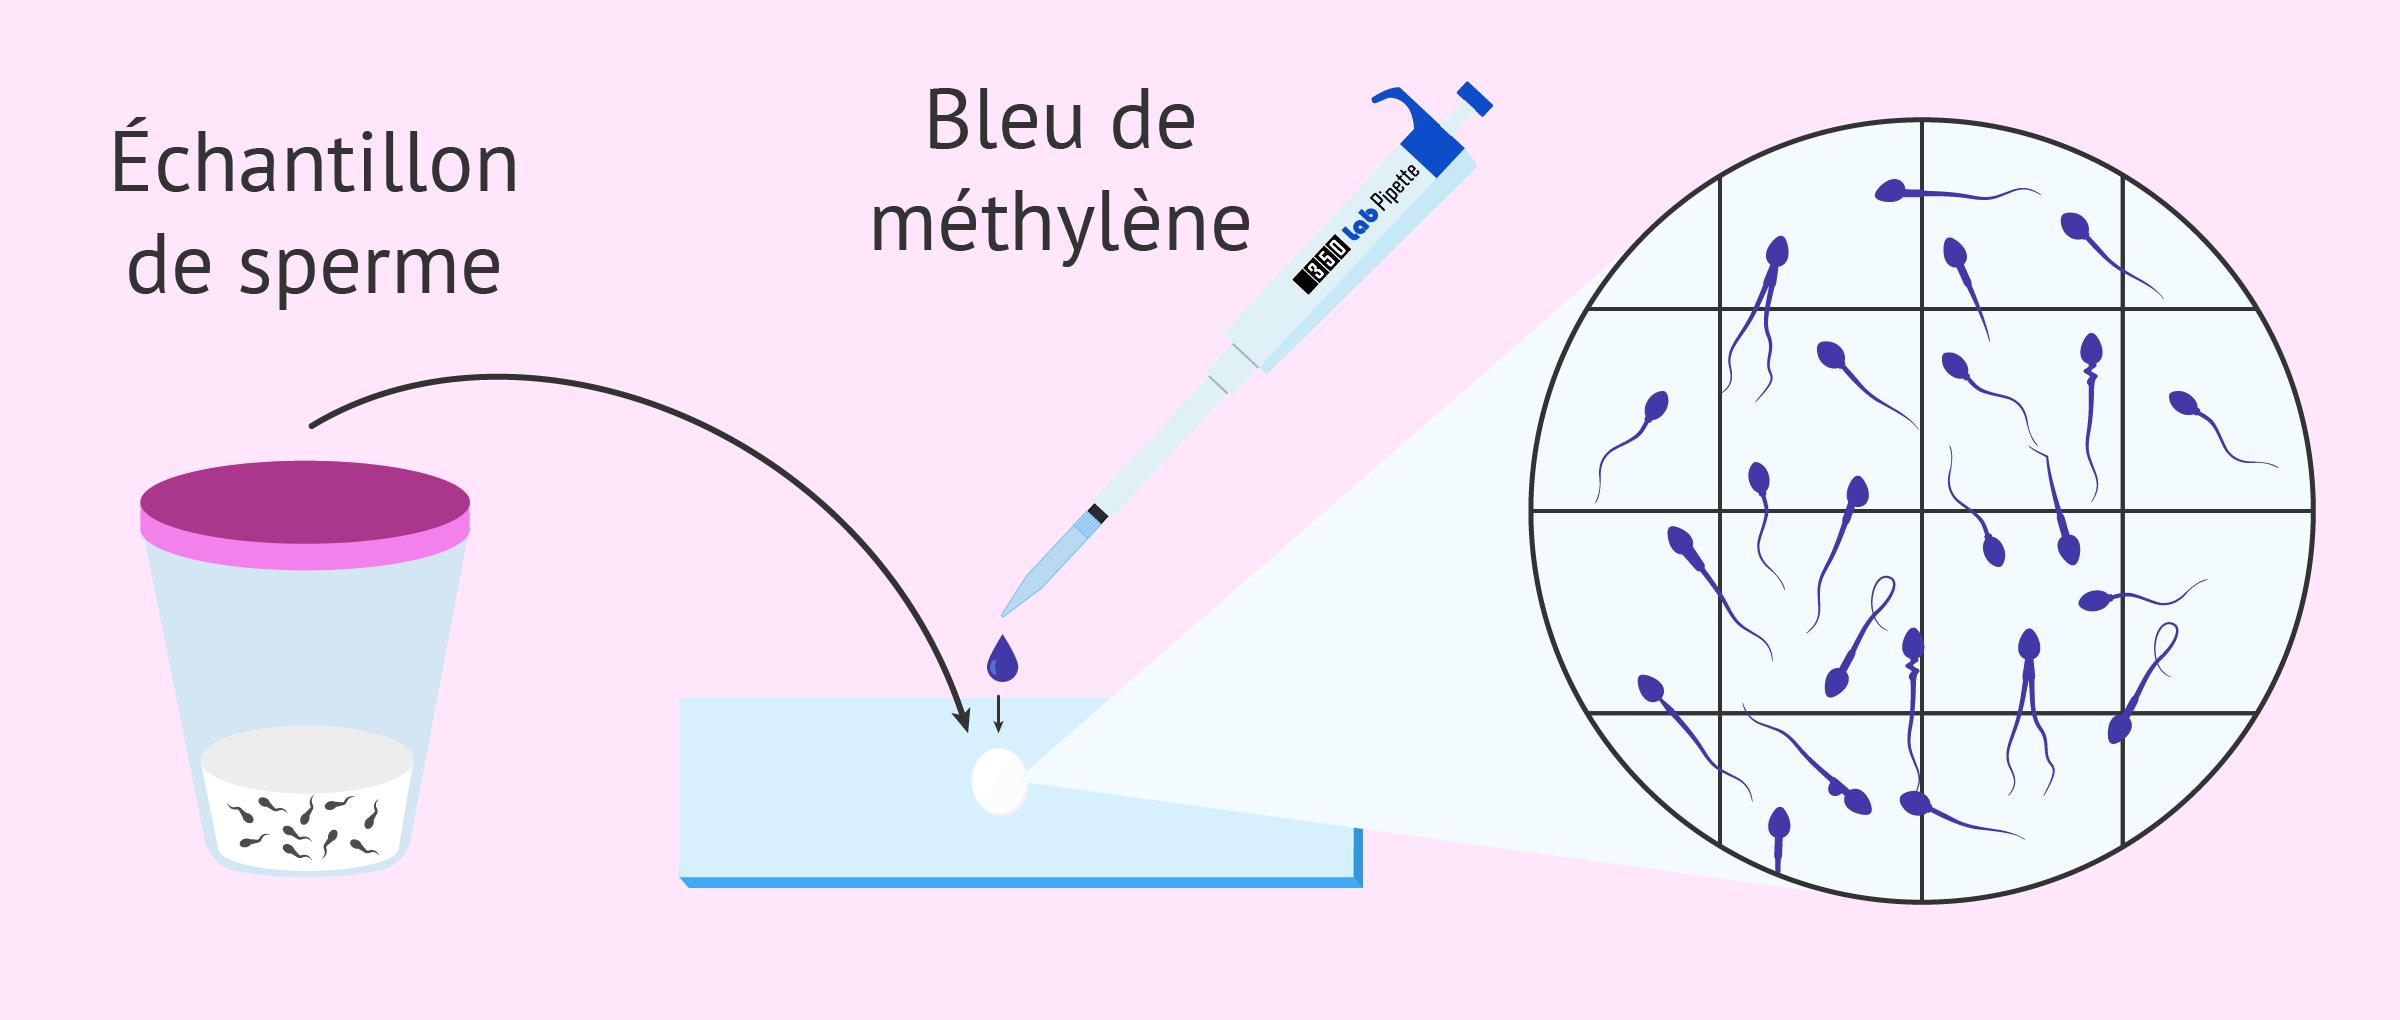 Coloration du sperme pour évaluer la morphologie des spermatozoïdes